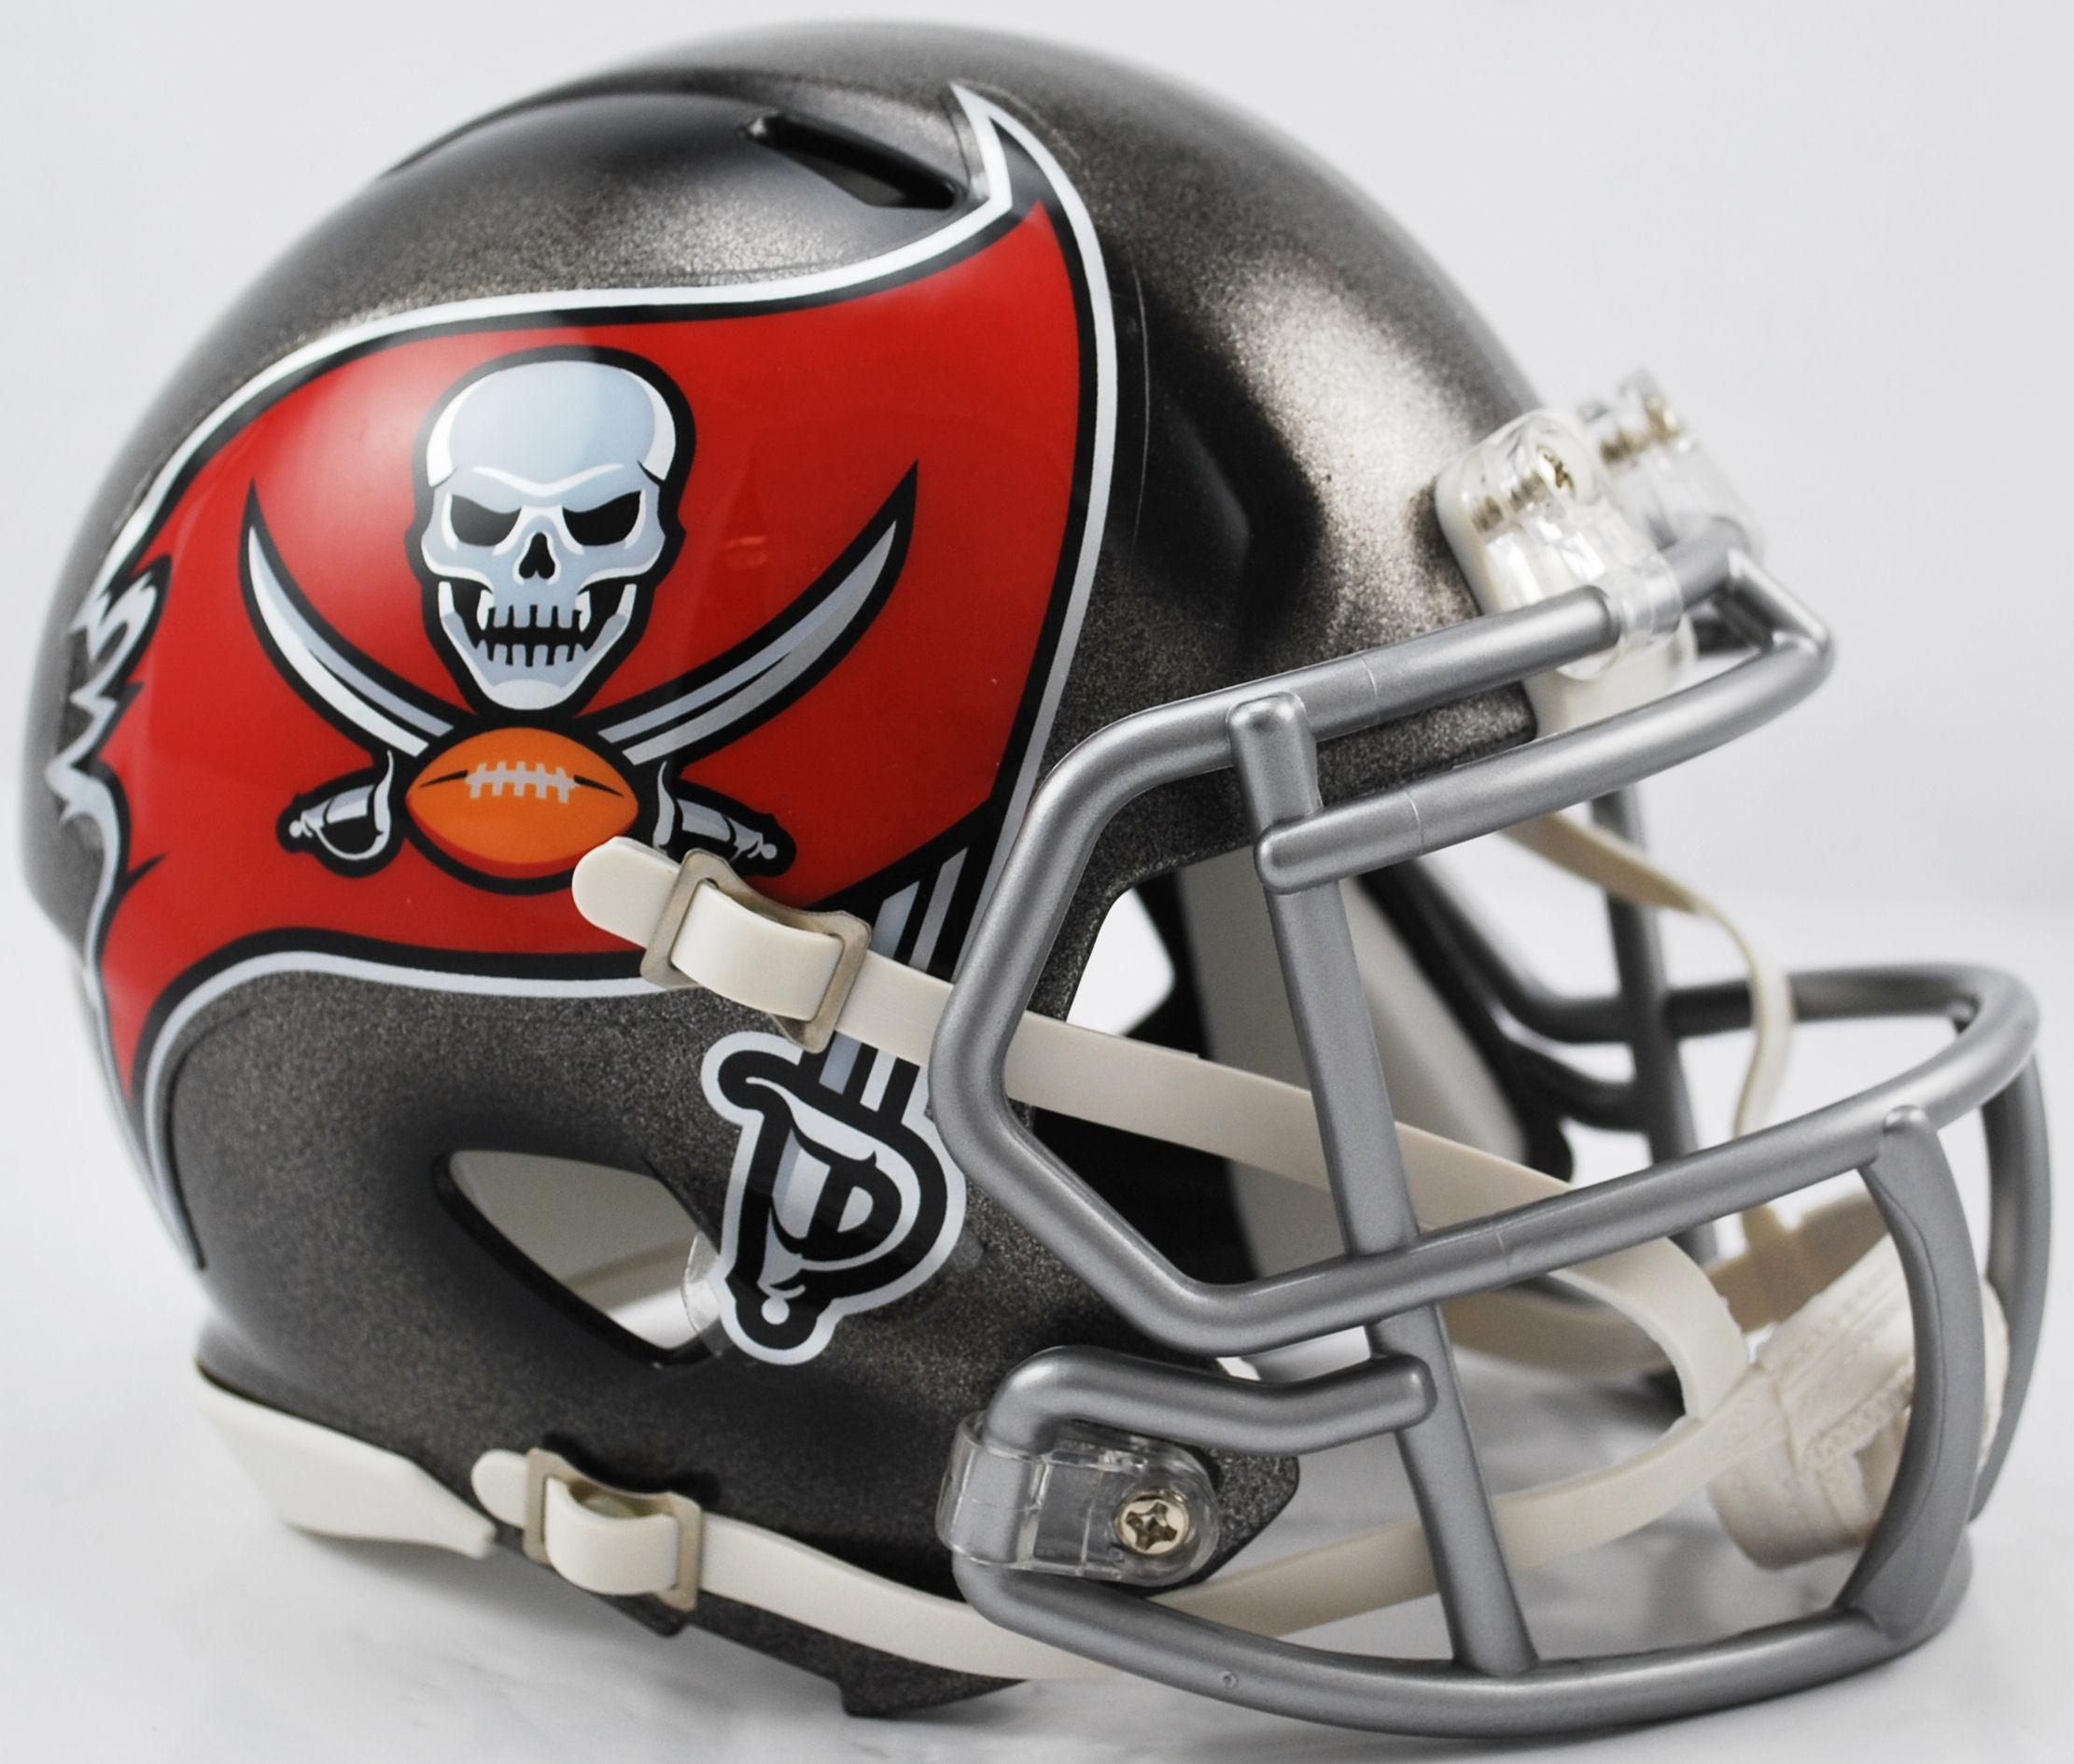 Tampa Bay Buccaneers NFL Mini Speed Football Helmet <B>New 2014</B>